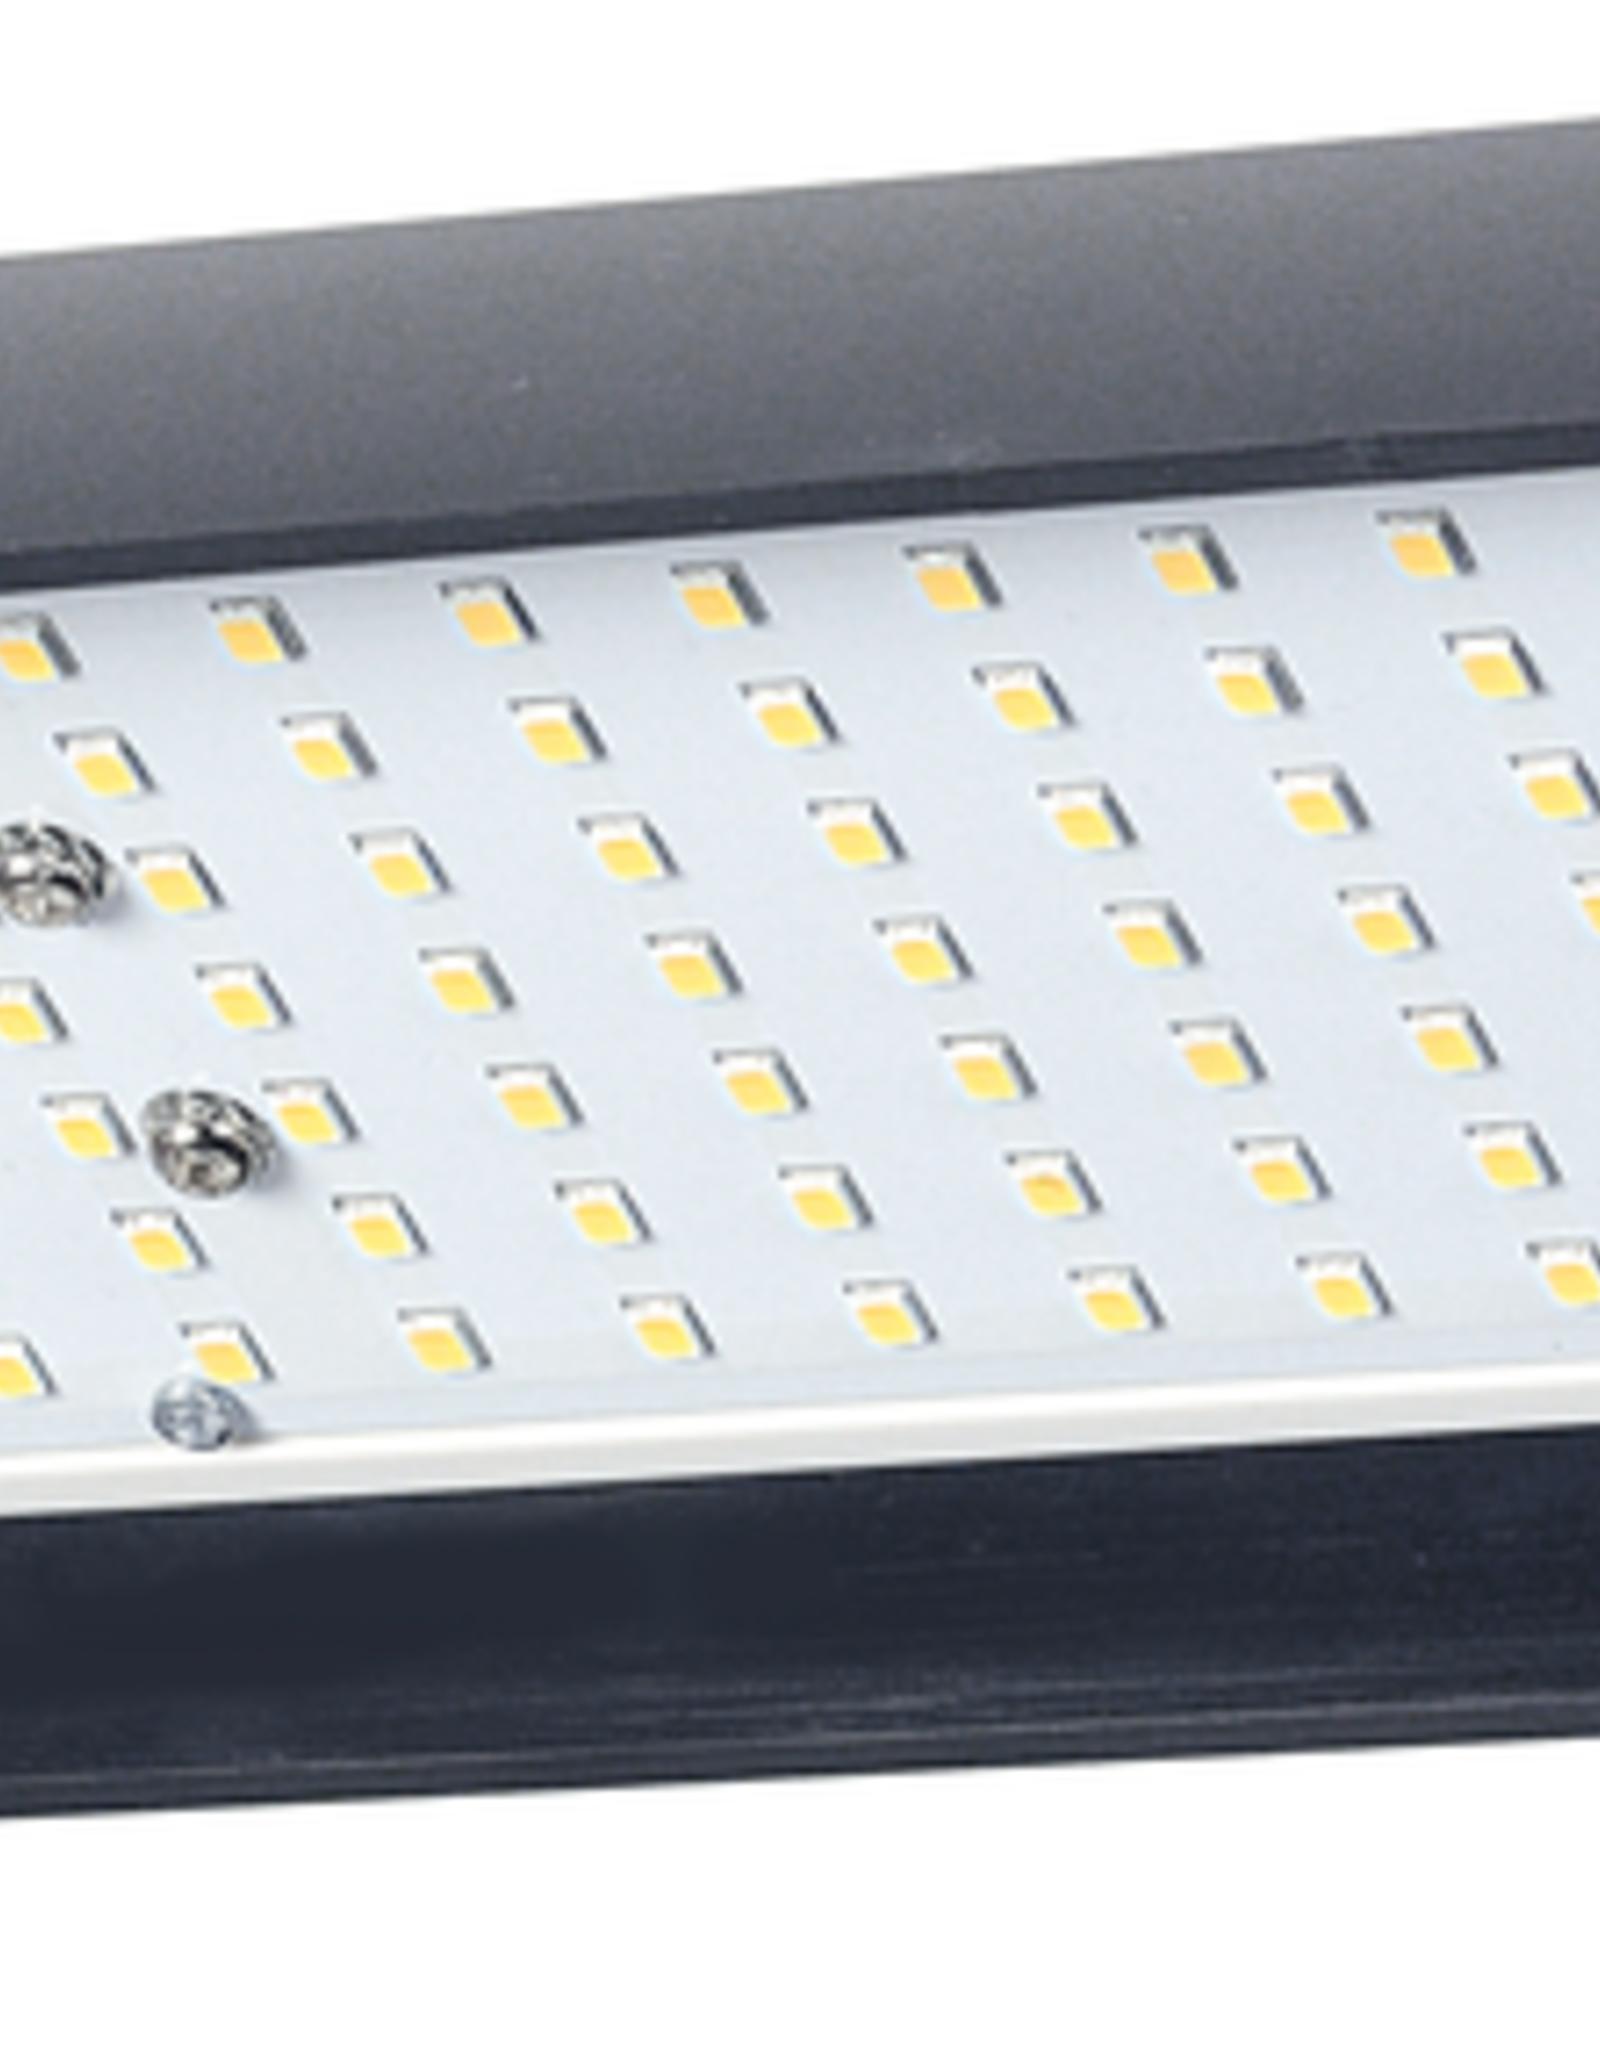 Kaiser Kaiser RB 5020 DS2 LED Lighting Unit, CRI=95.  100 - 120 V / 60 Hz, US-Plug